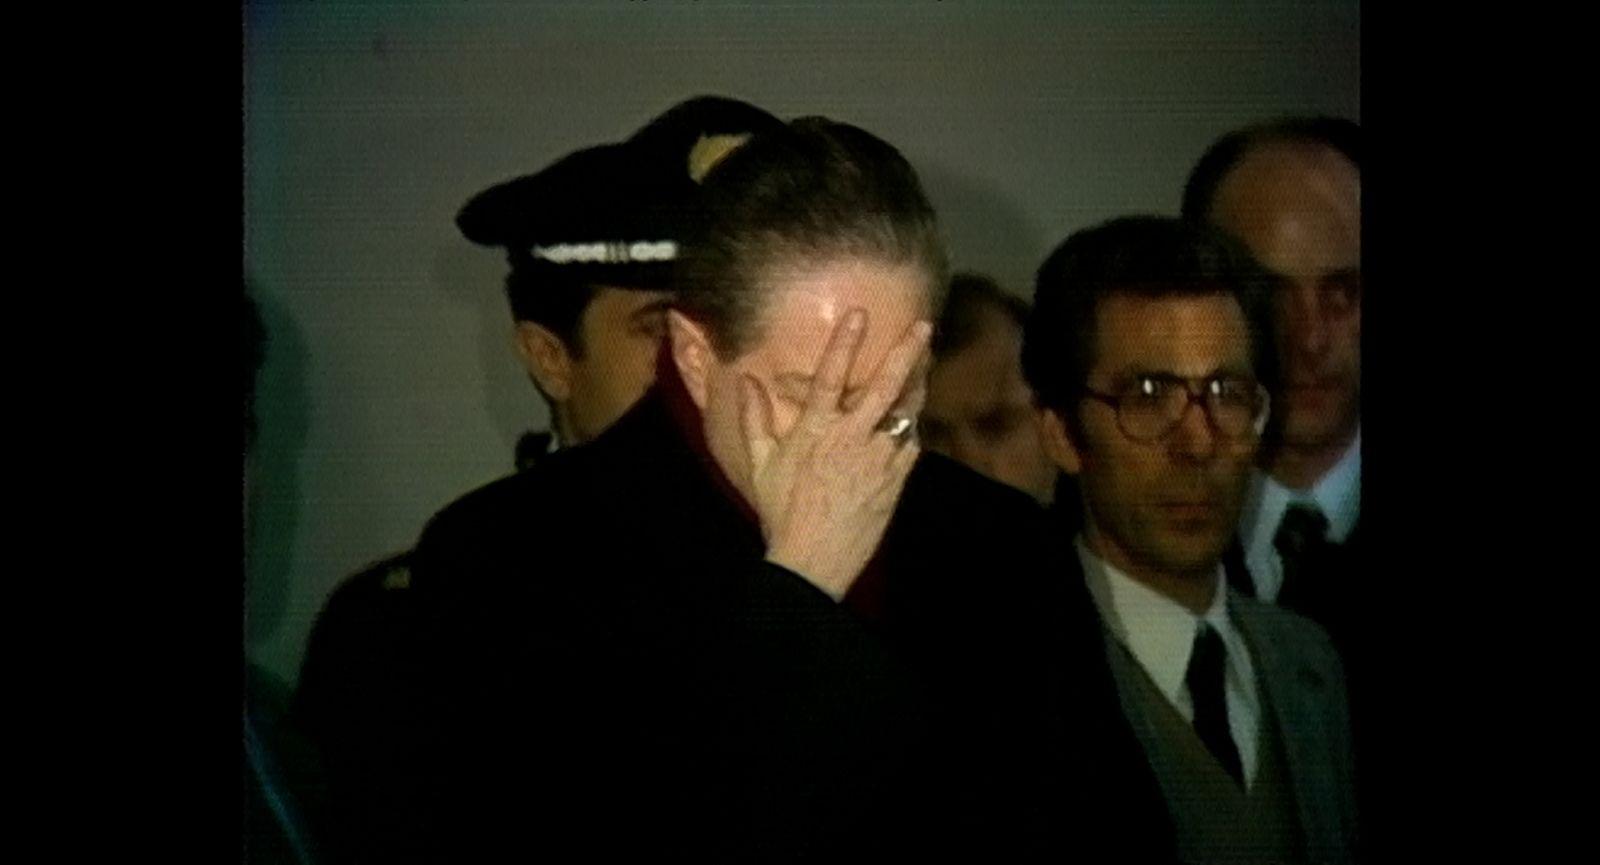 Vedete, sono uno di voi: Carlo Maria Martini in un'immagine di repertorio che lo ritrae sconvolto davanti al corpo del giudice Galli